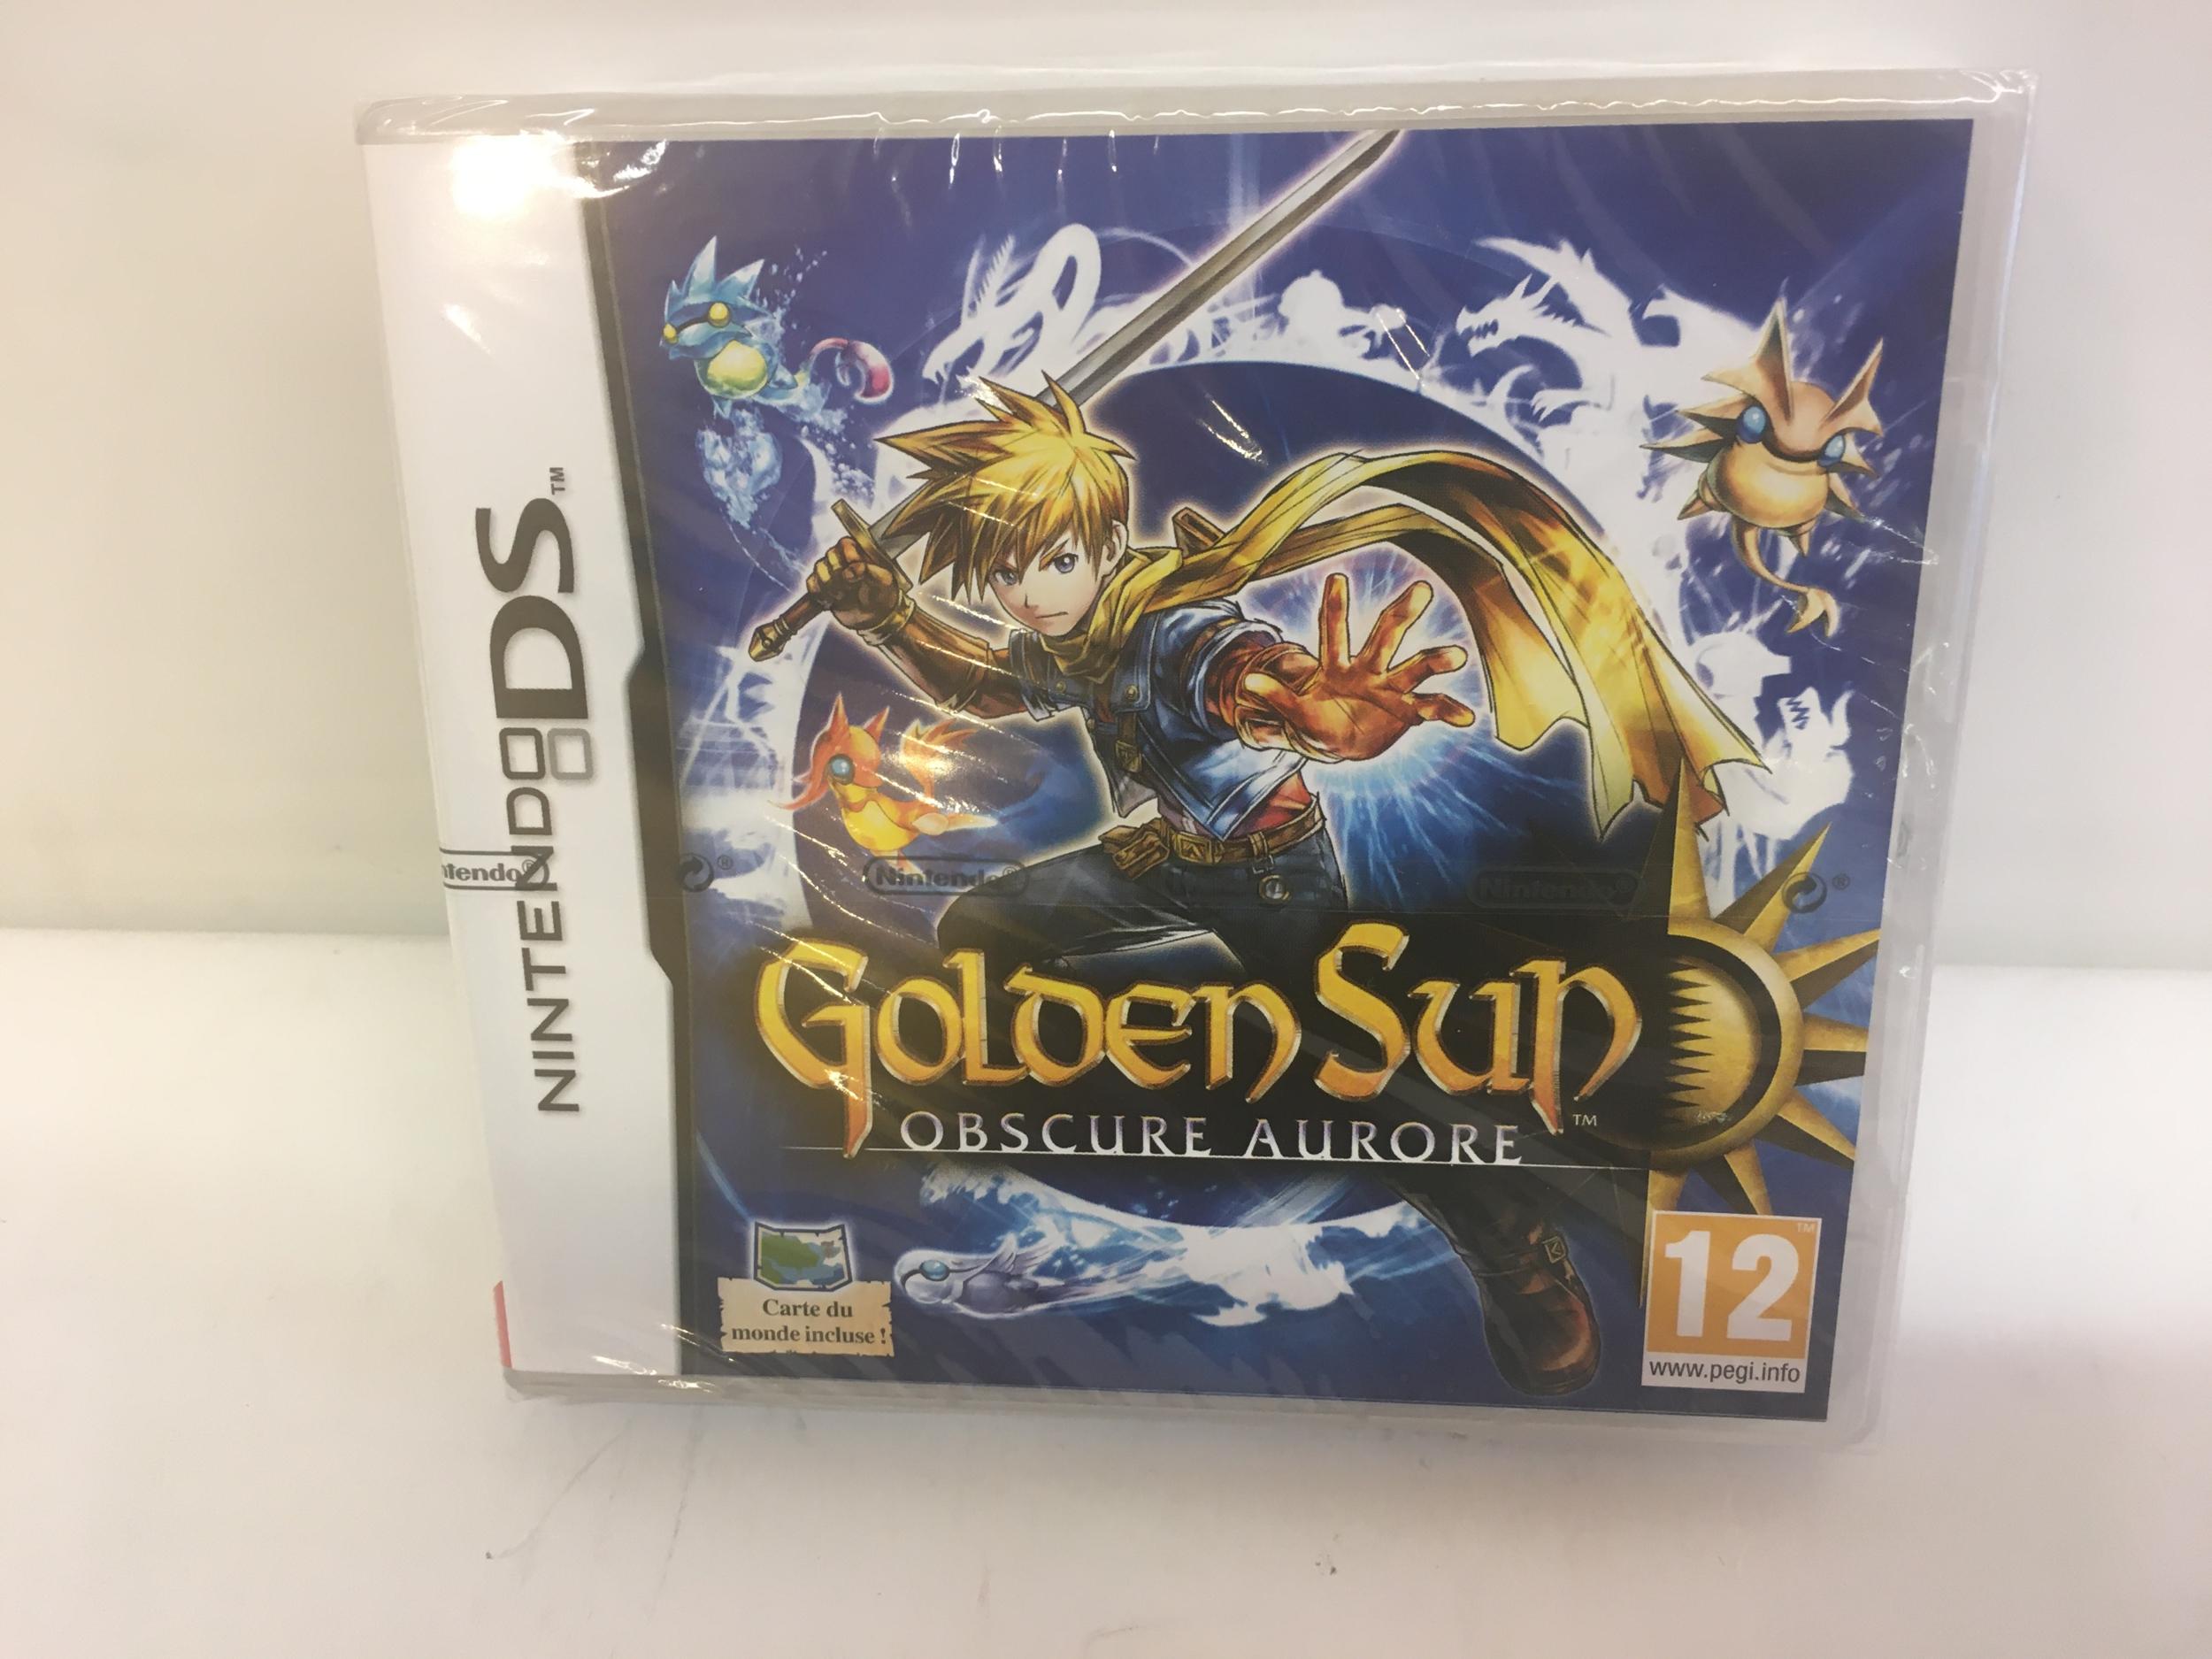 Golden Sun Obscure Aurore DS